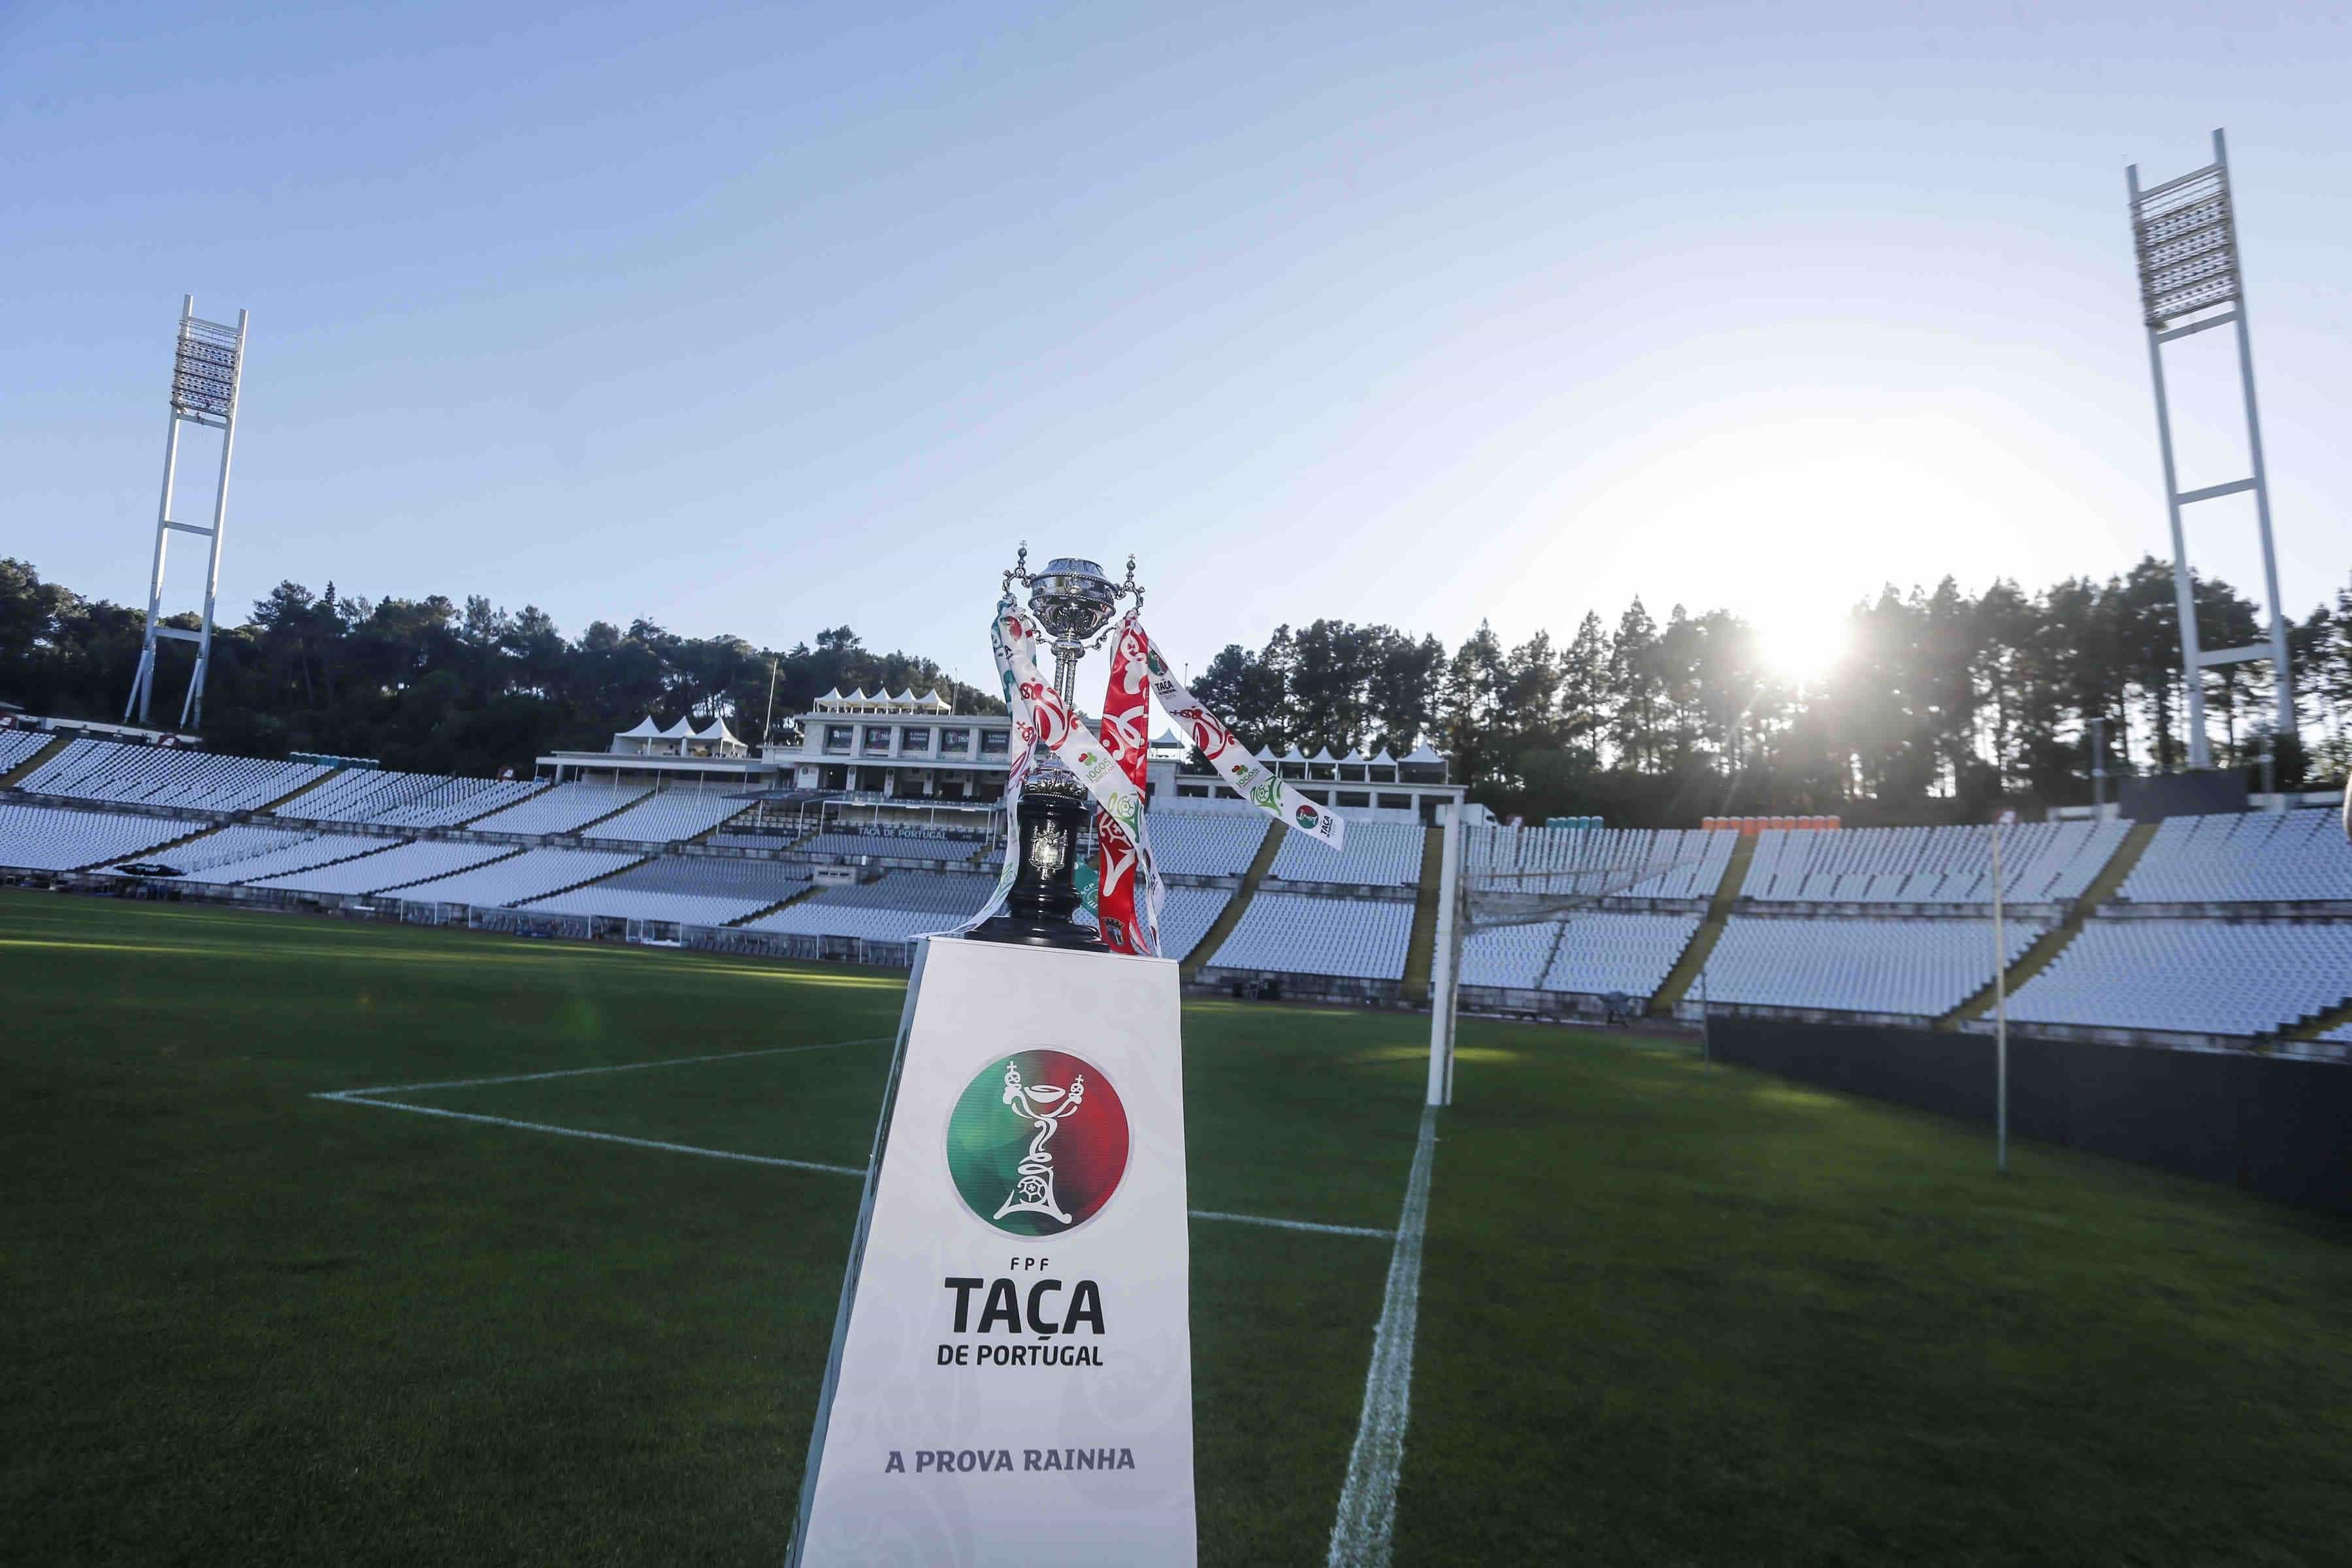 Taça de Portugal: Já há data para Benfica-Sporting e FC Porto-Sp.Braga